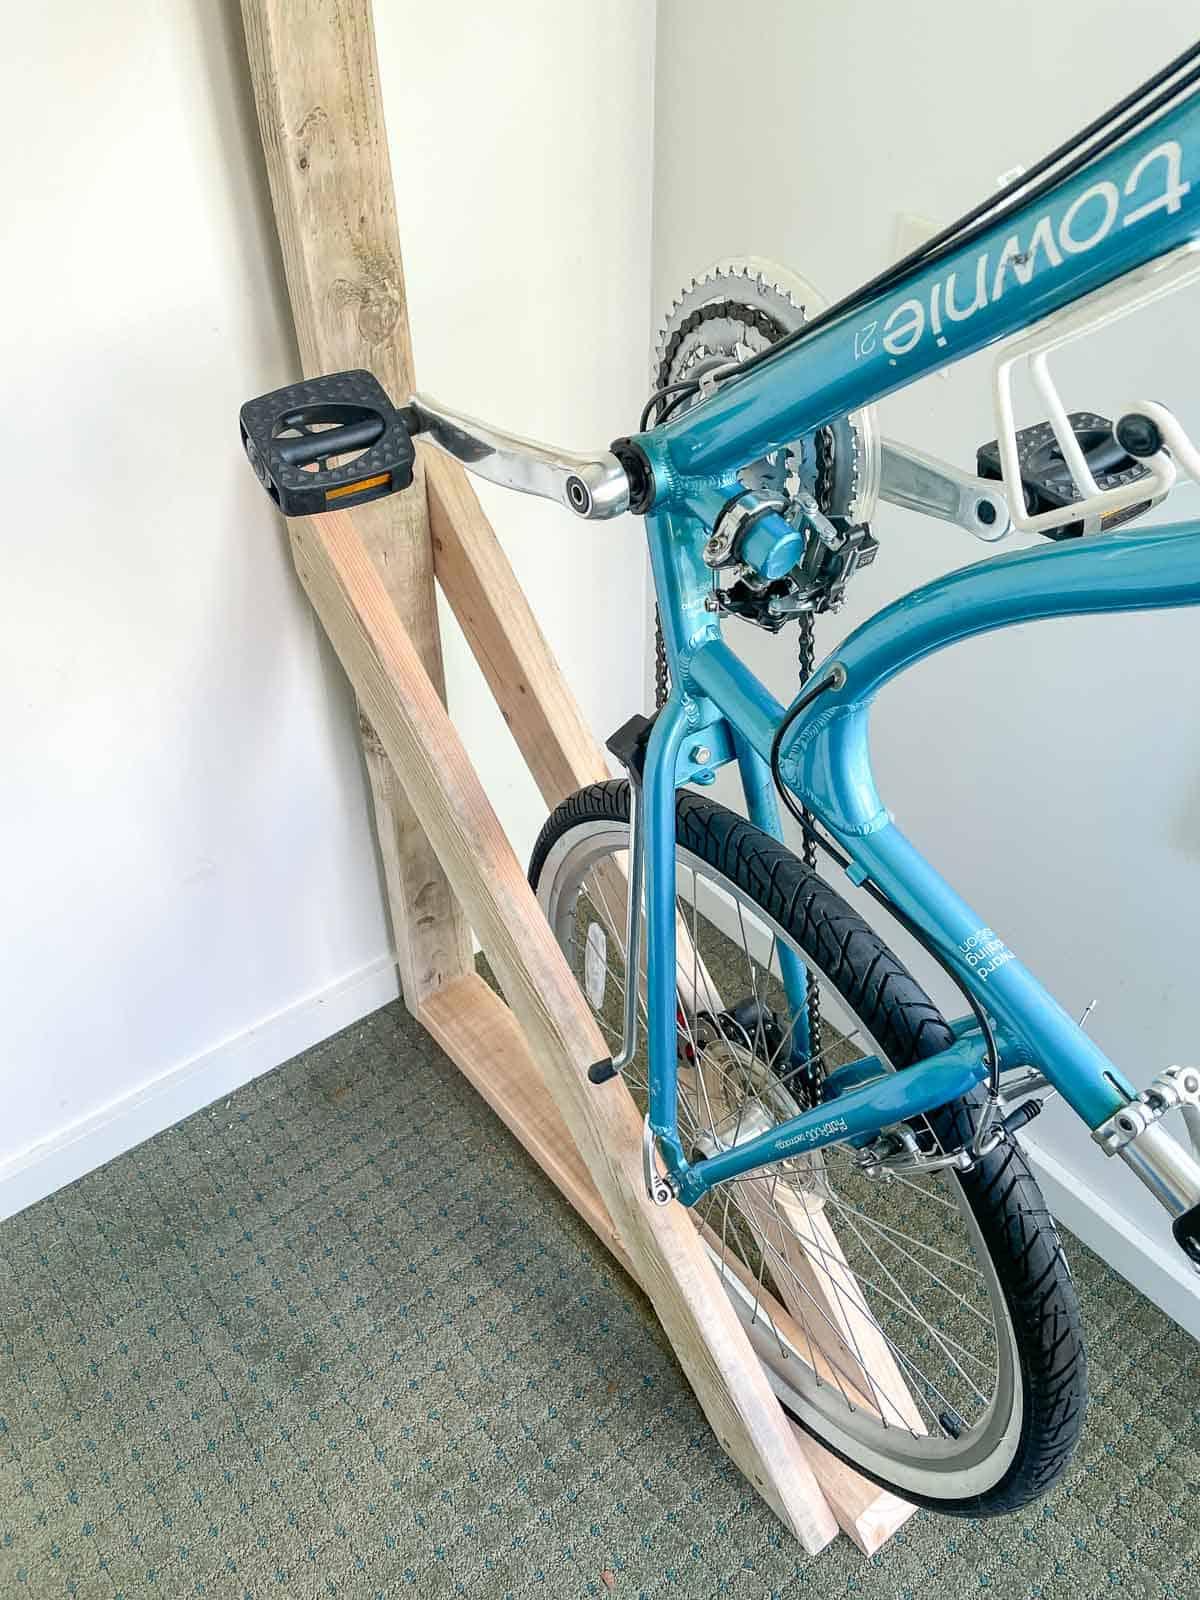 DIY wall mount bike rack with bottom stabilizer